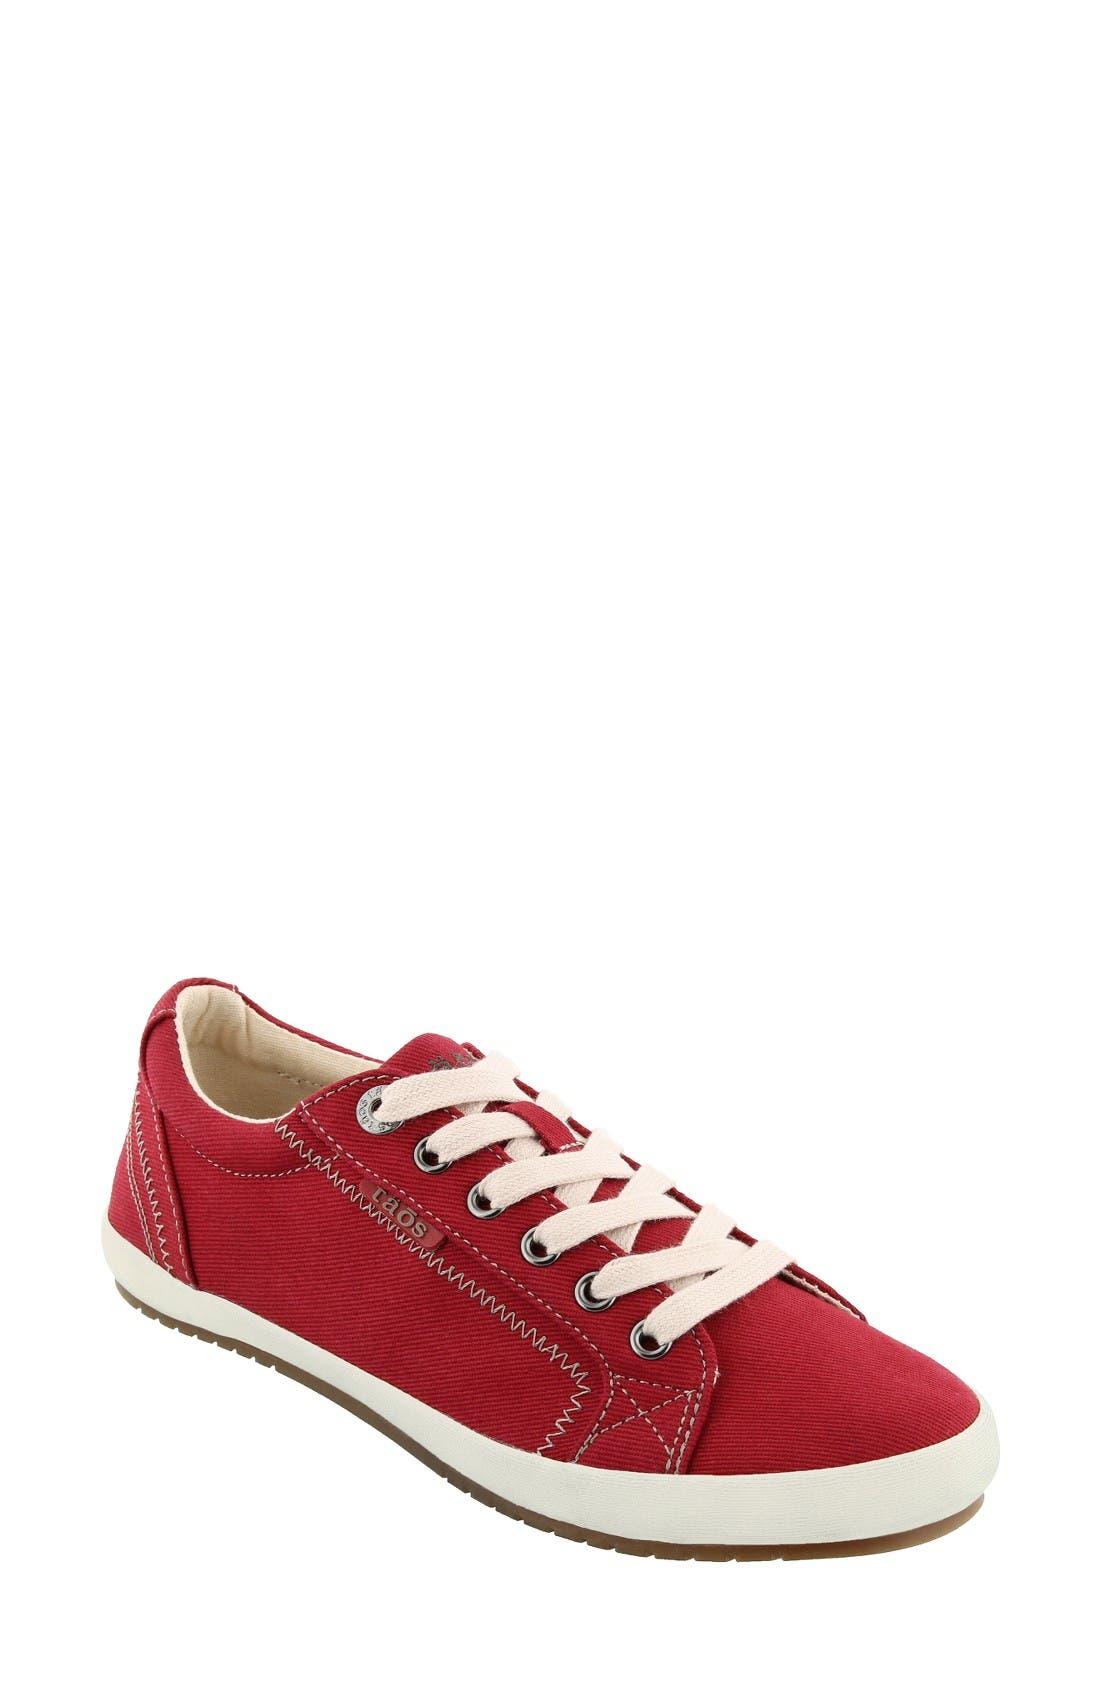 Alternate Image 1 Selected - Taos 'Star' Sneaker (Women)